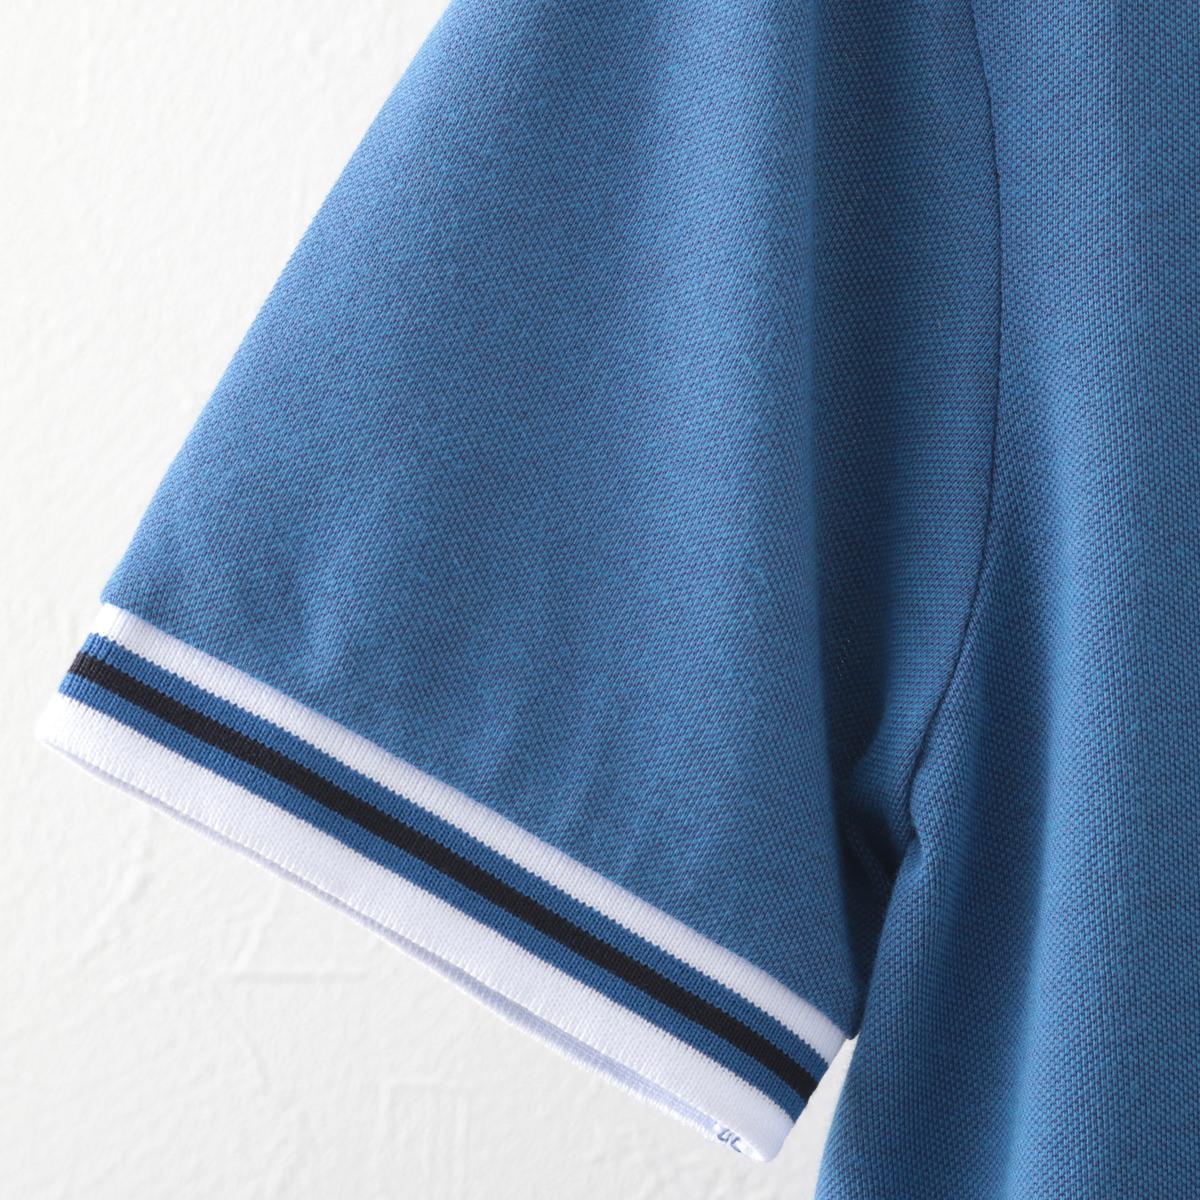 Gabicci メンズ ポロシャツ ポロ ティップライン ガビッチ コロン レトロ モッズファッション